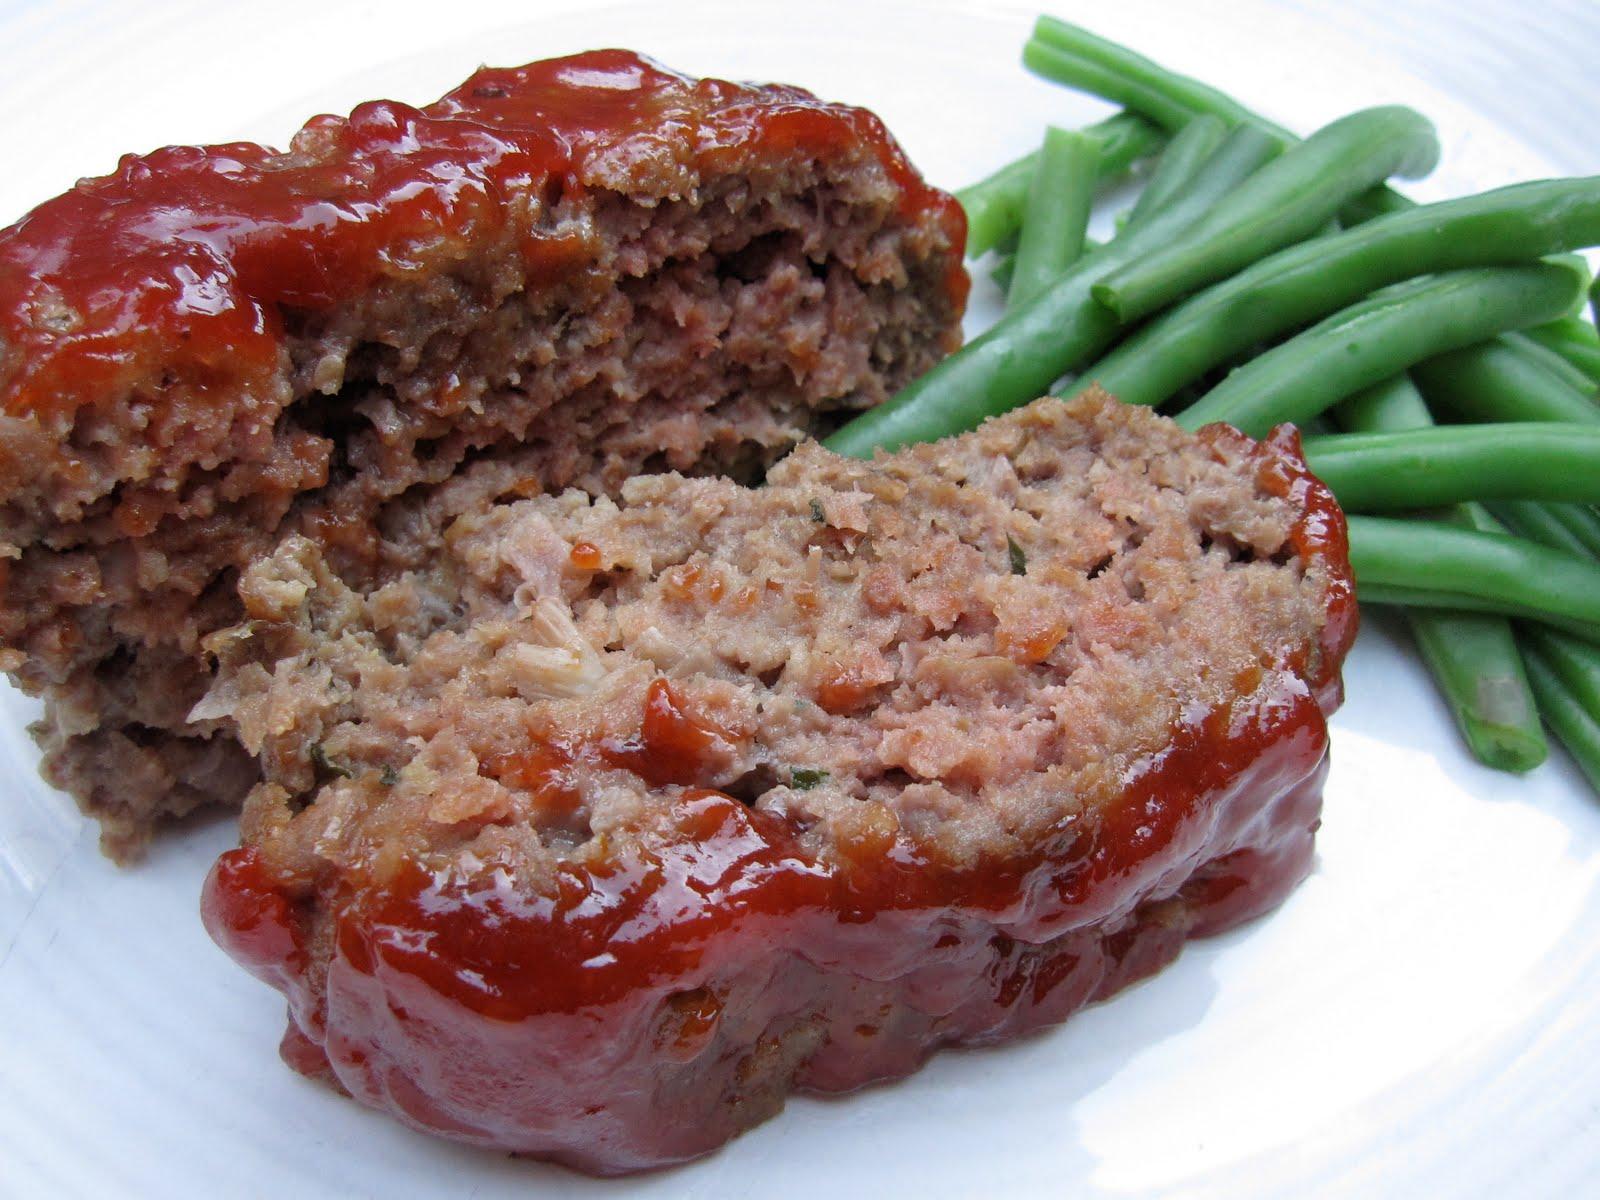 Best Meatloaf Recipe Food Network | Tasty Meatloaf Recipes